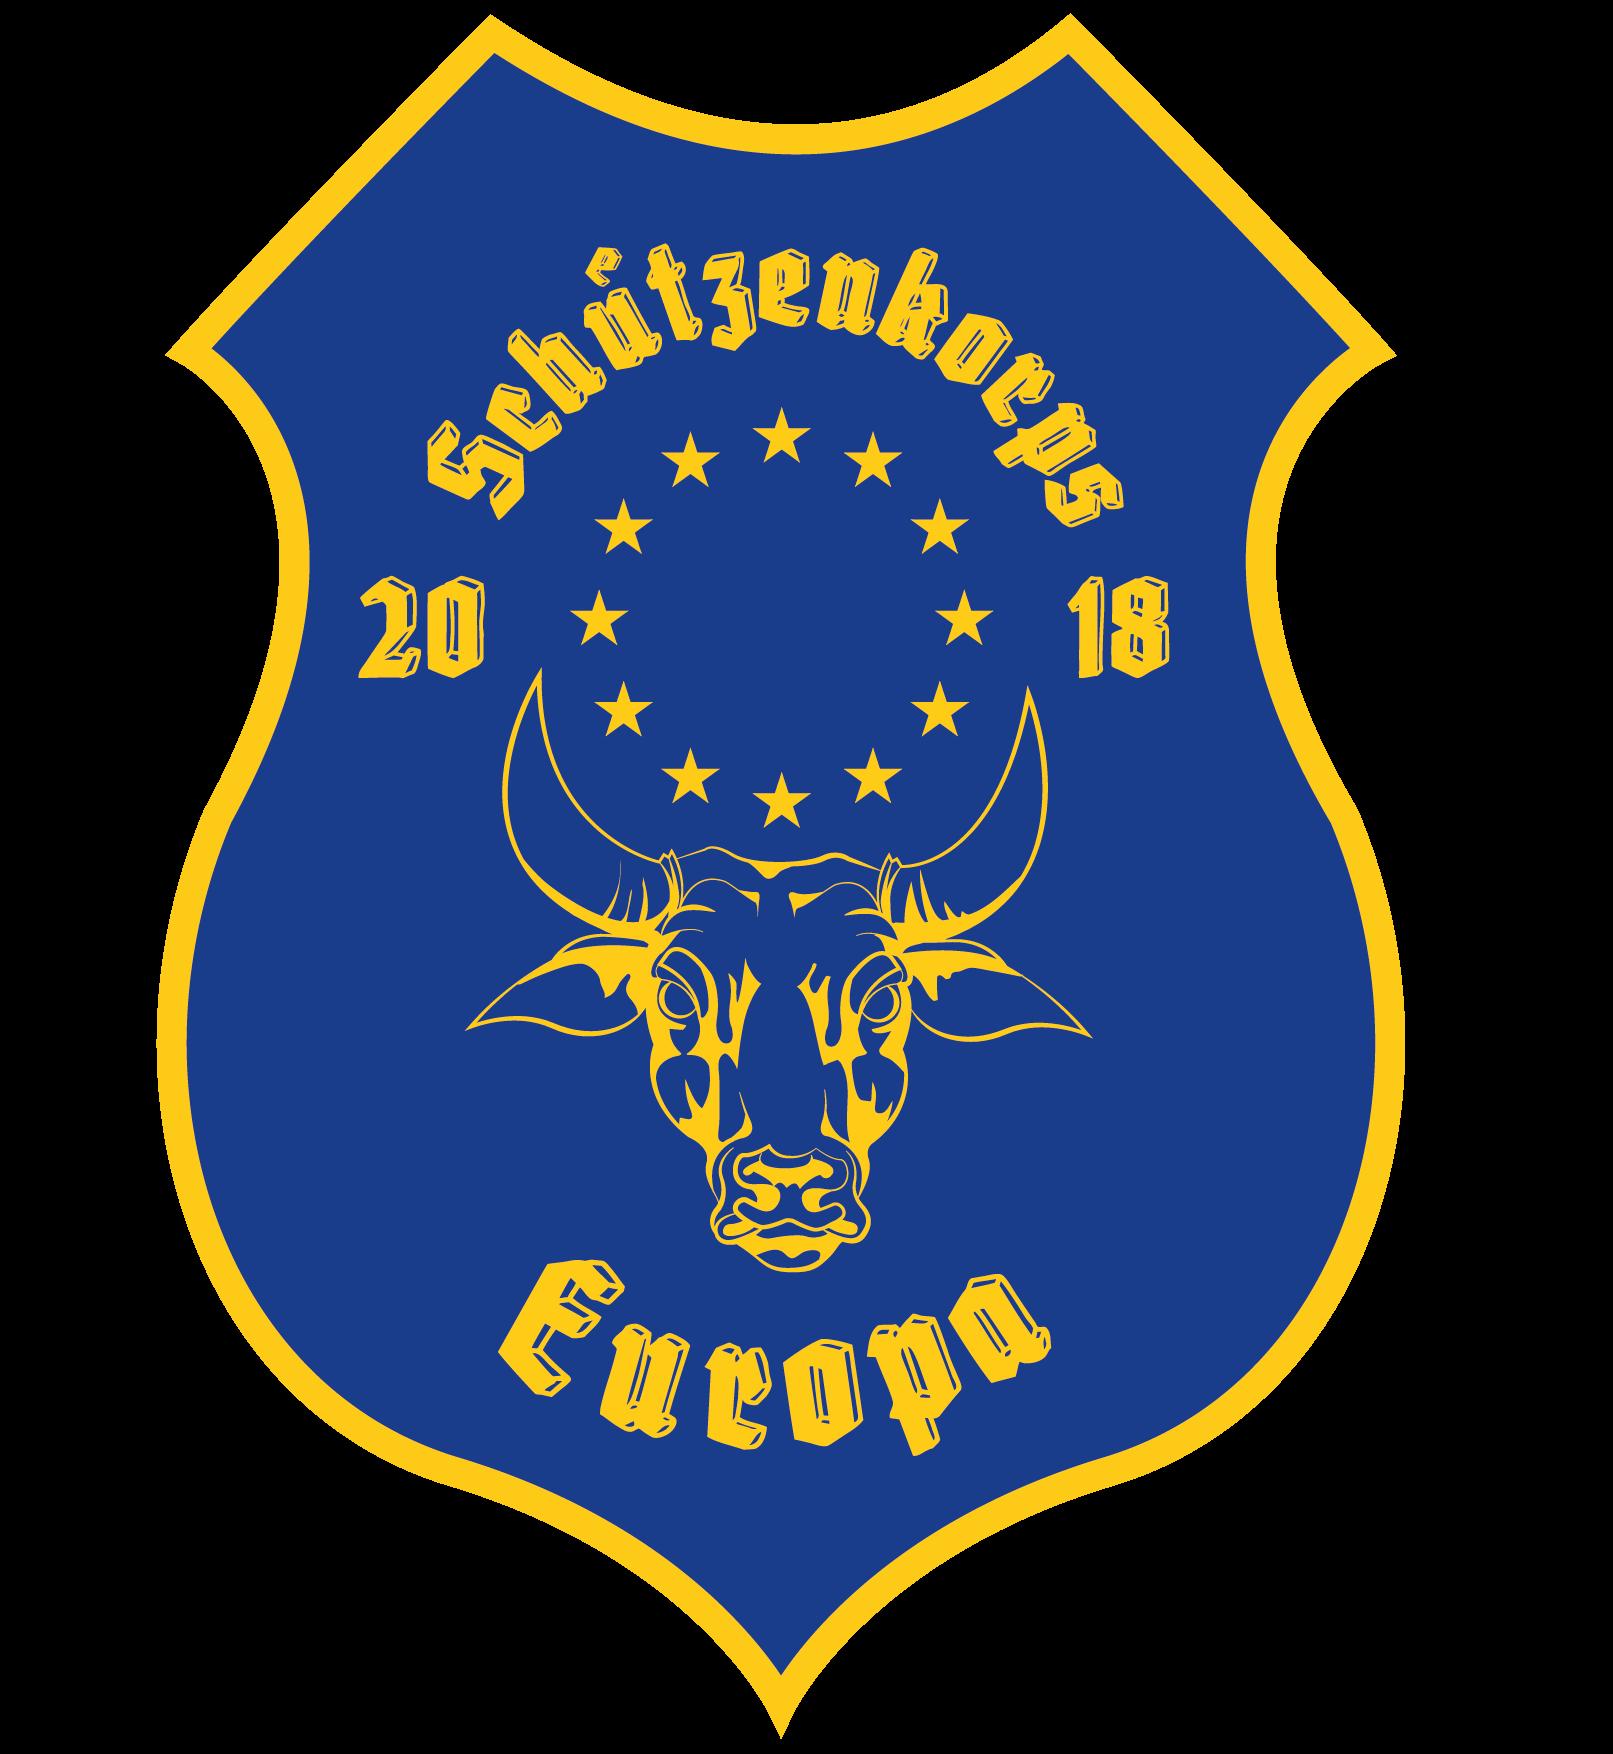 Schützenkorps Europa